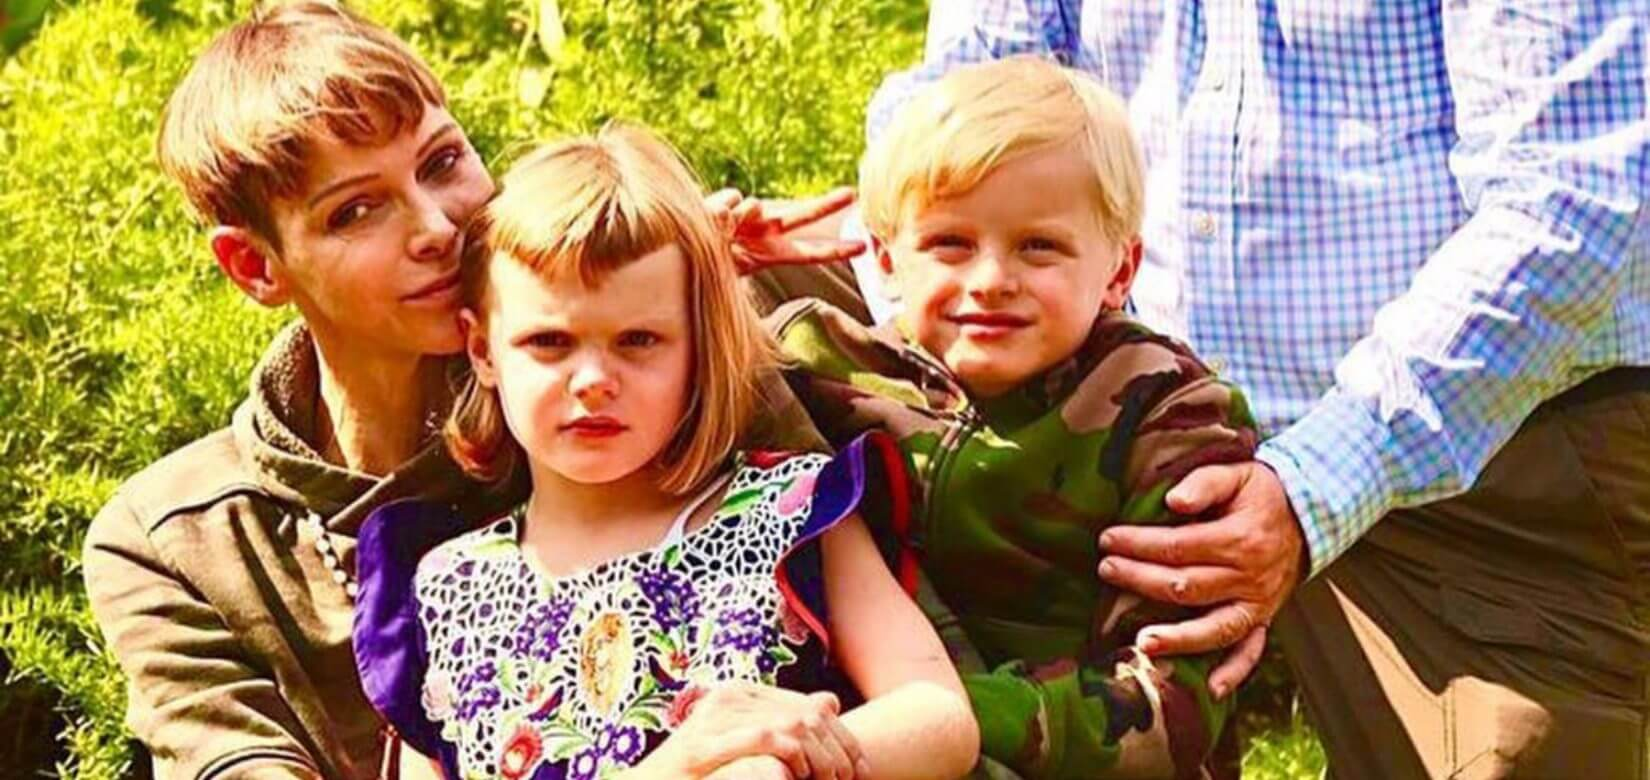 Θα επιστρέψει η πριγκίπισσα Σαρλίν στα παιδιά της στο Μονακό;